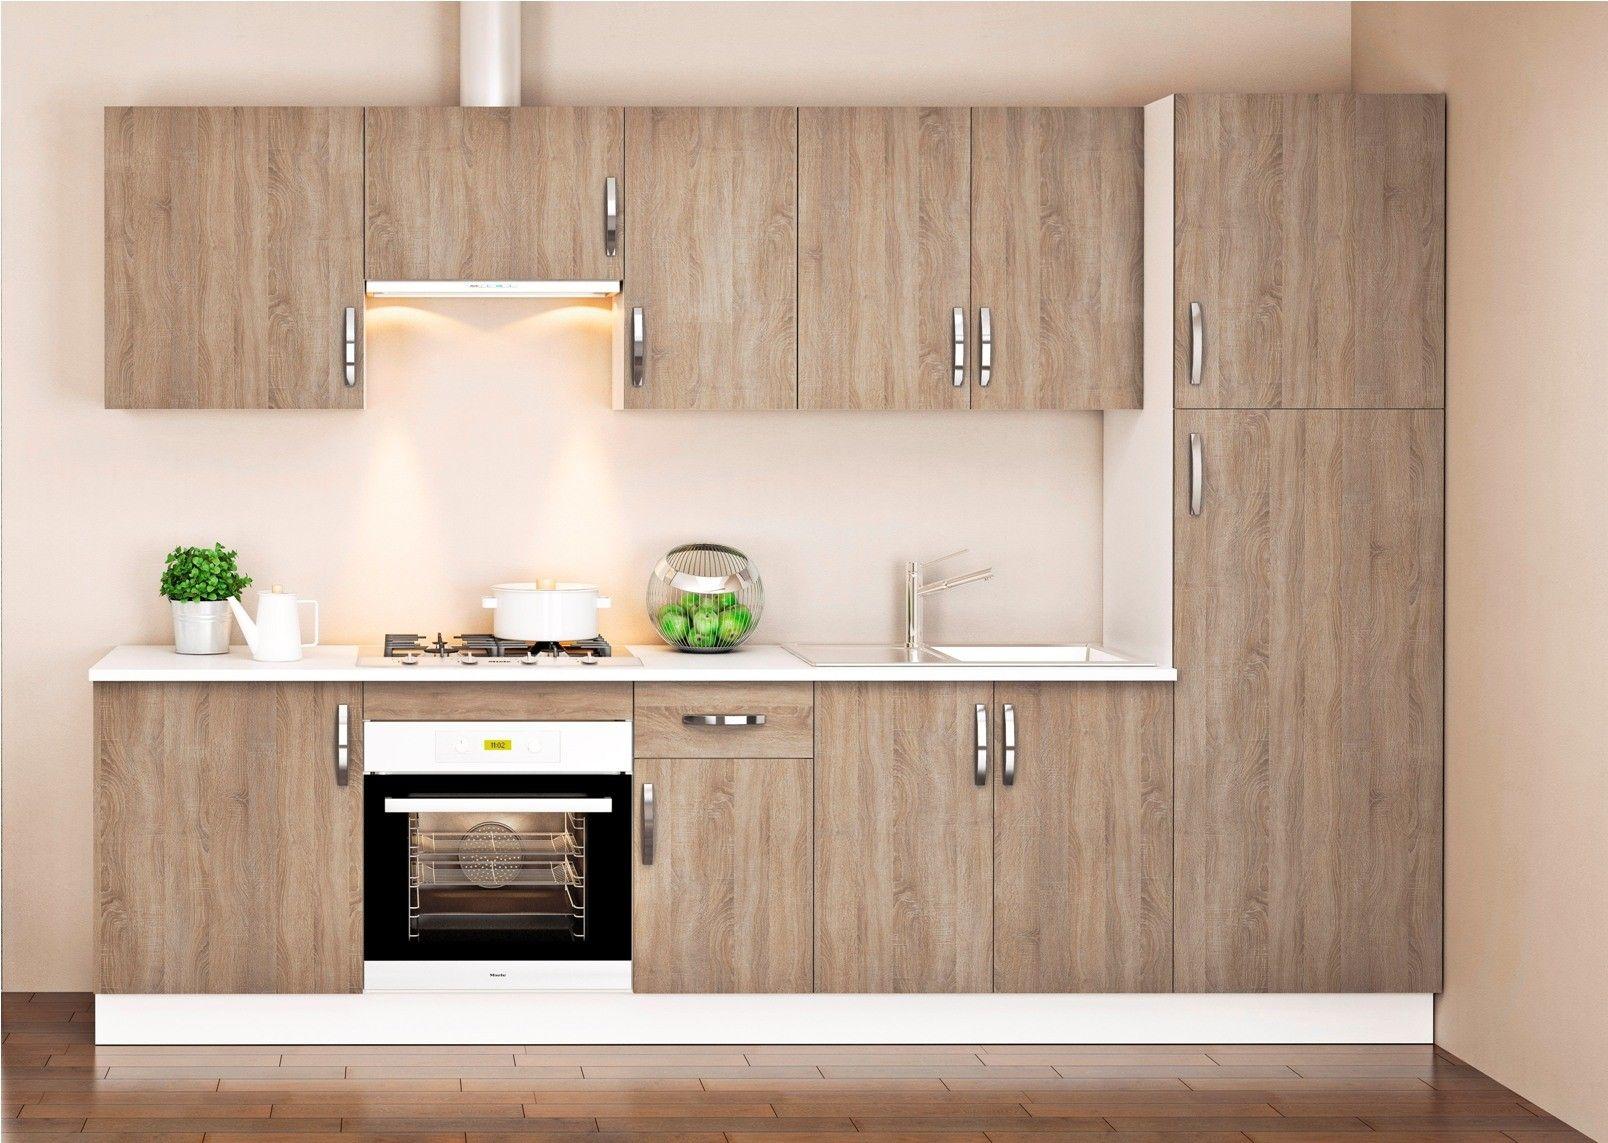 Cocina completa de bonito diseño y a un precio increíble. Esta ...